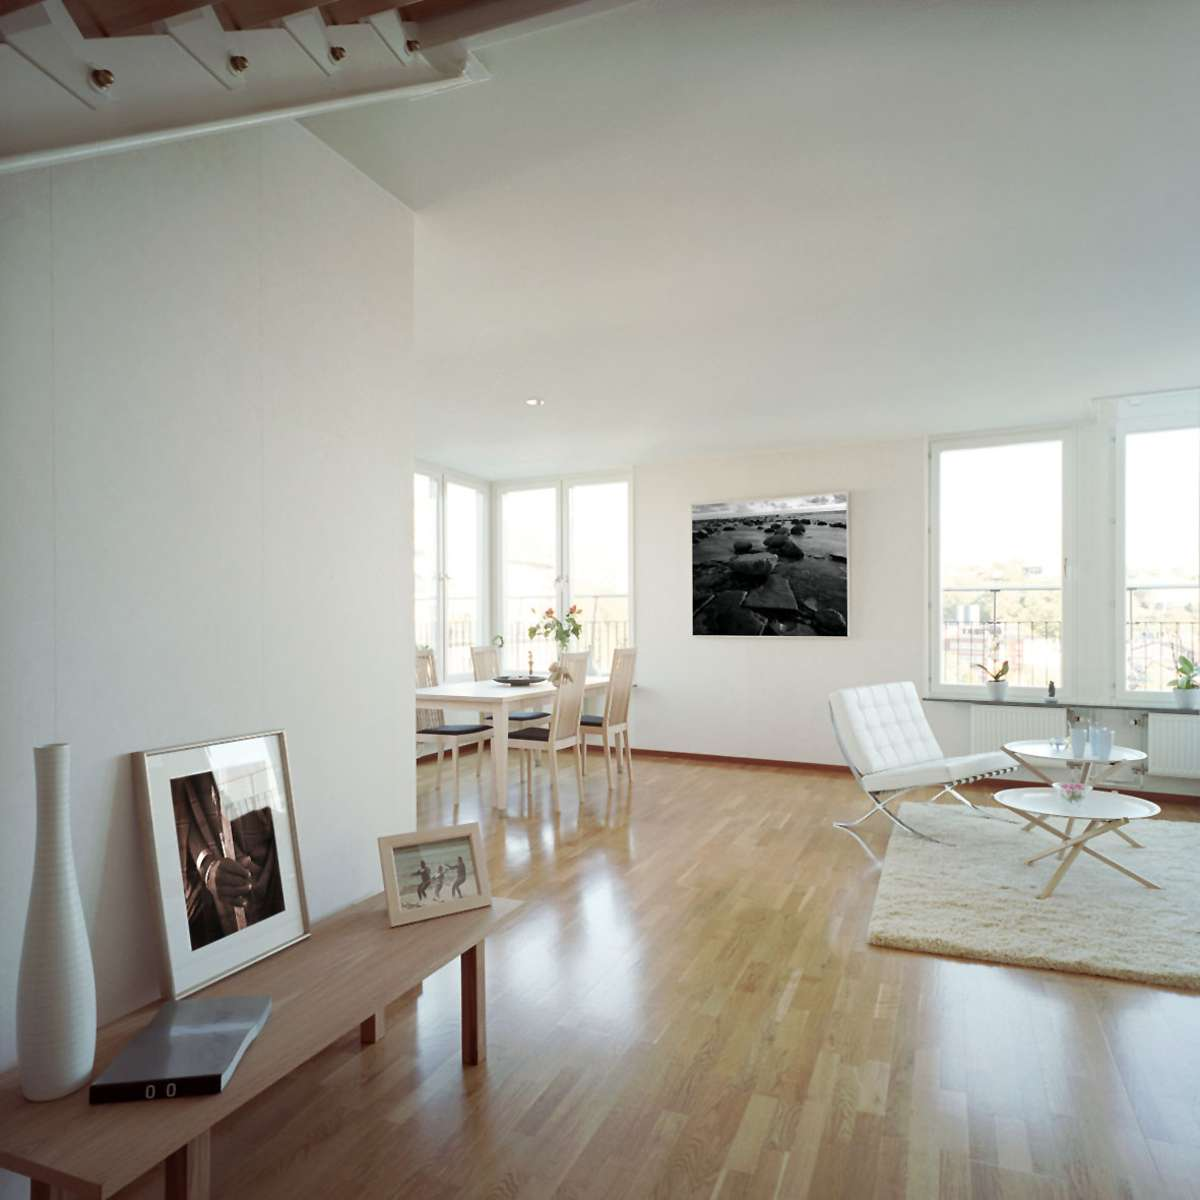 die fassade bleibt jetzt auf immobilien und hausbau. Black Bedroom Furniture Sets. Home Design Ideas